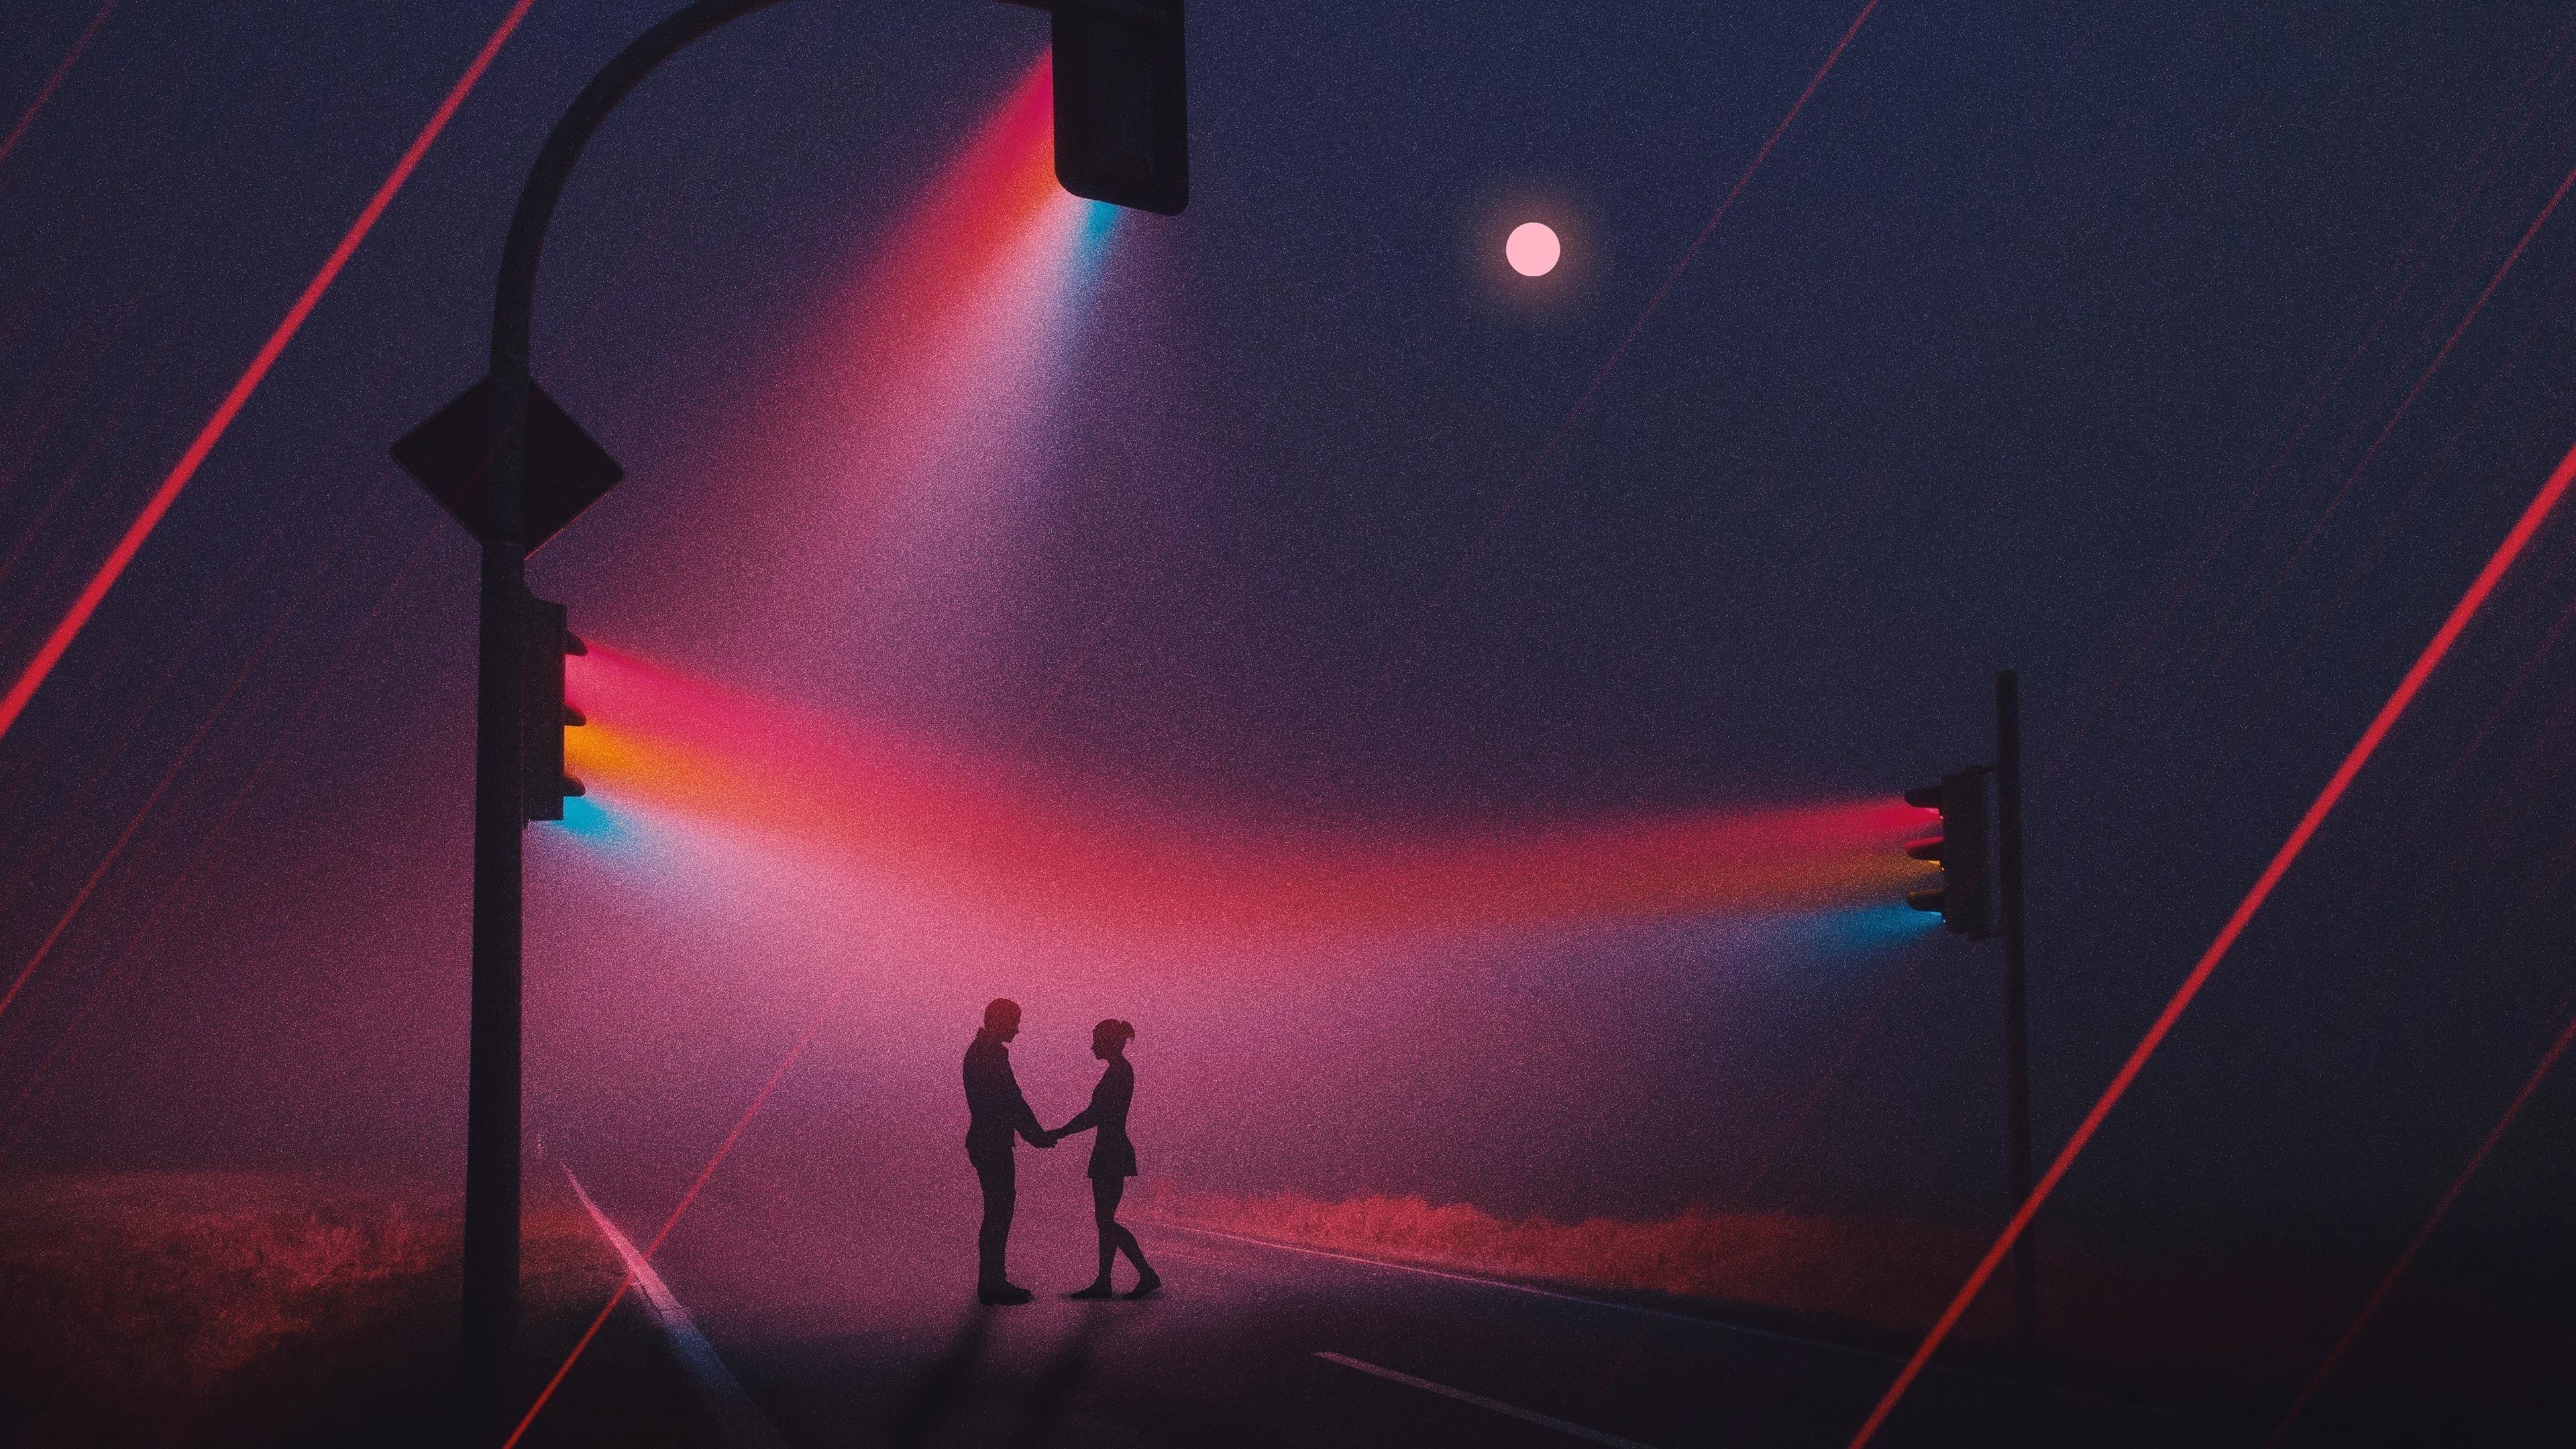 Любовь пара светофоров неоновые работы обои скачать